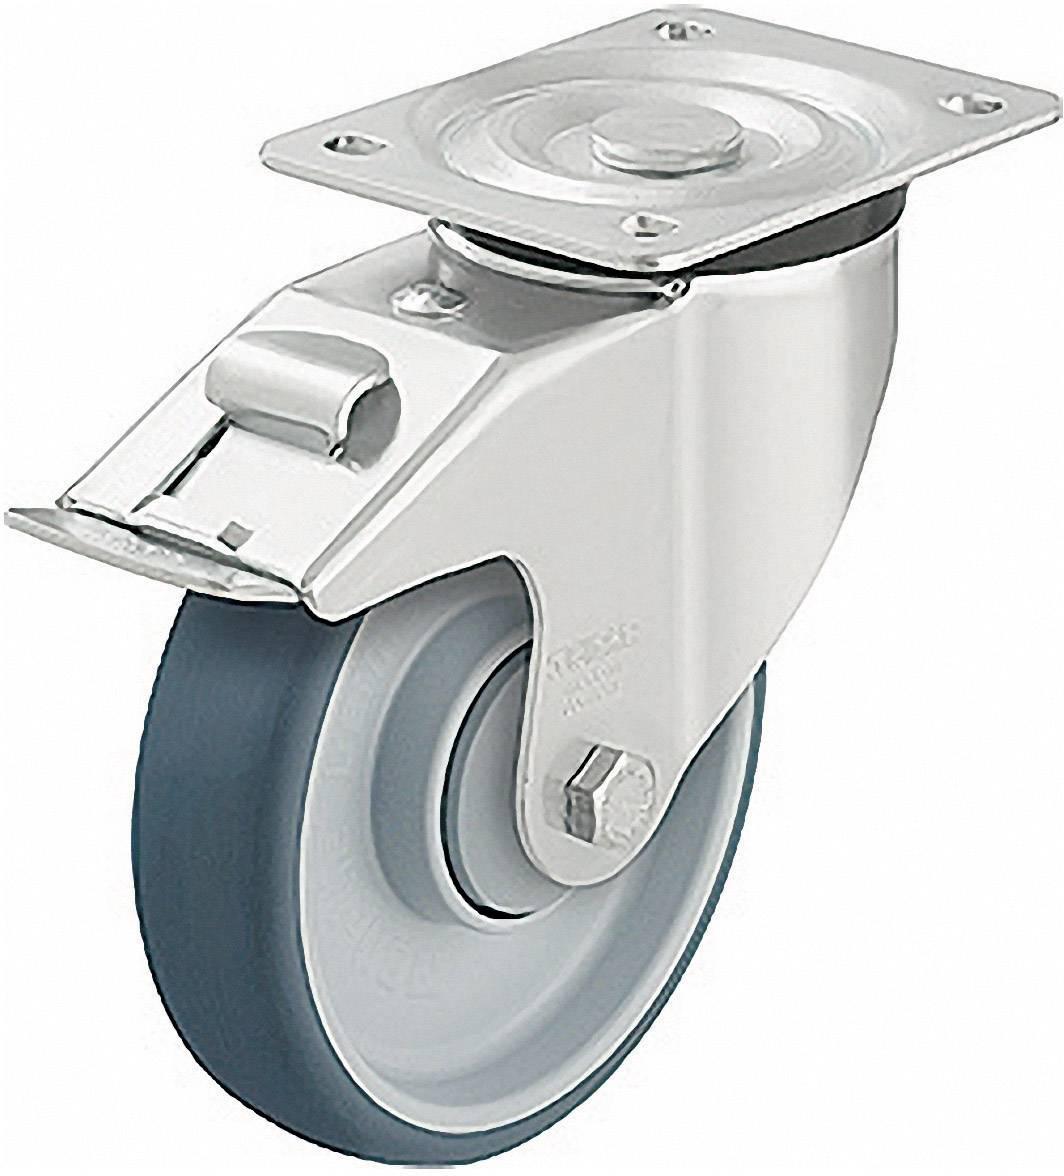 Polyuretanové otočné kolečko s kontrukční deskou a brzdou,/O 160 mm, Blickle 472290